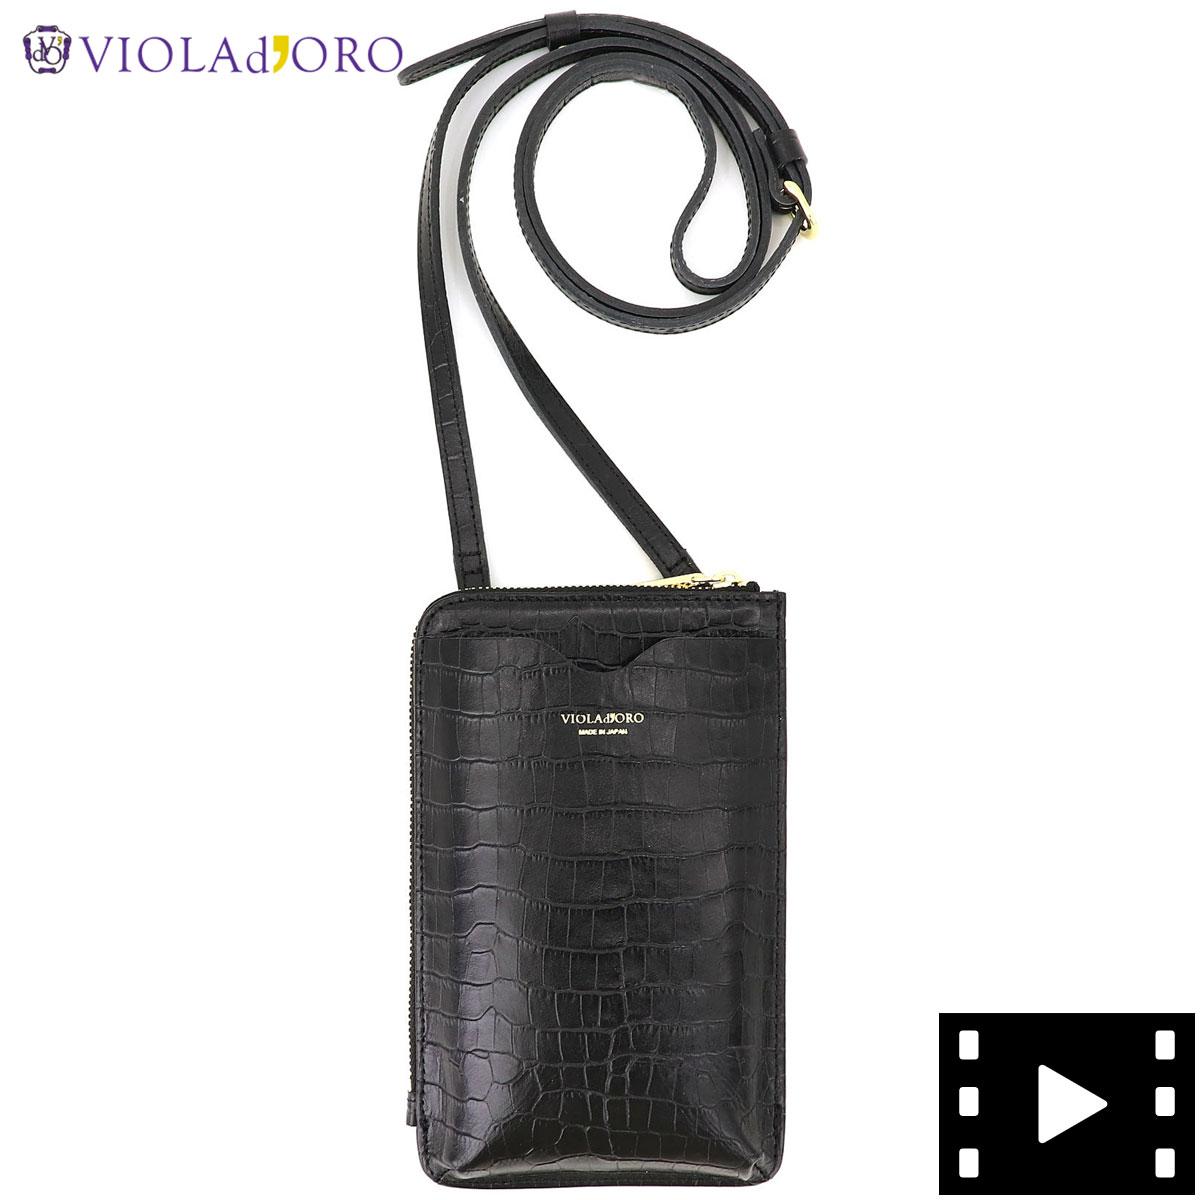 ヴィオラドーロVIOLAD'OROレディースクロコ型押しレザースマートフォンポシェットADORIAアドリアV-1336VDRBLACK(ブラック)